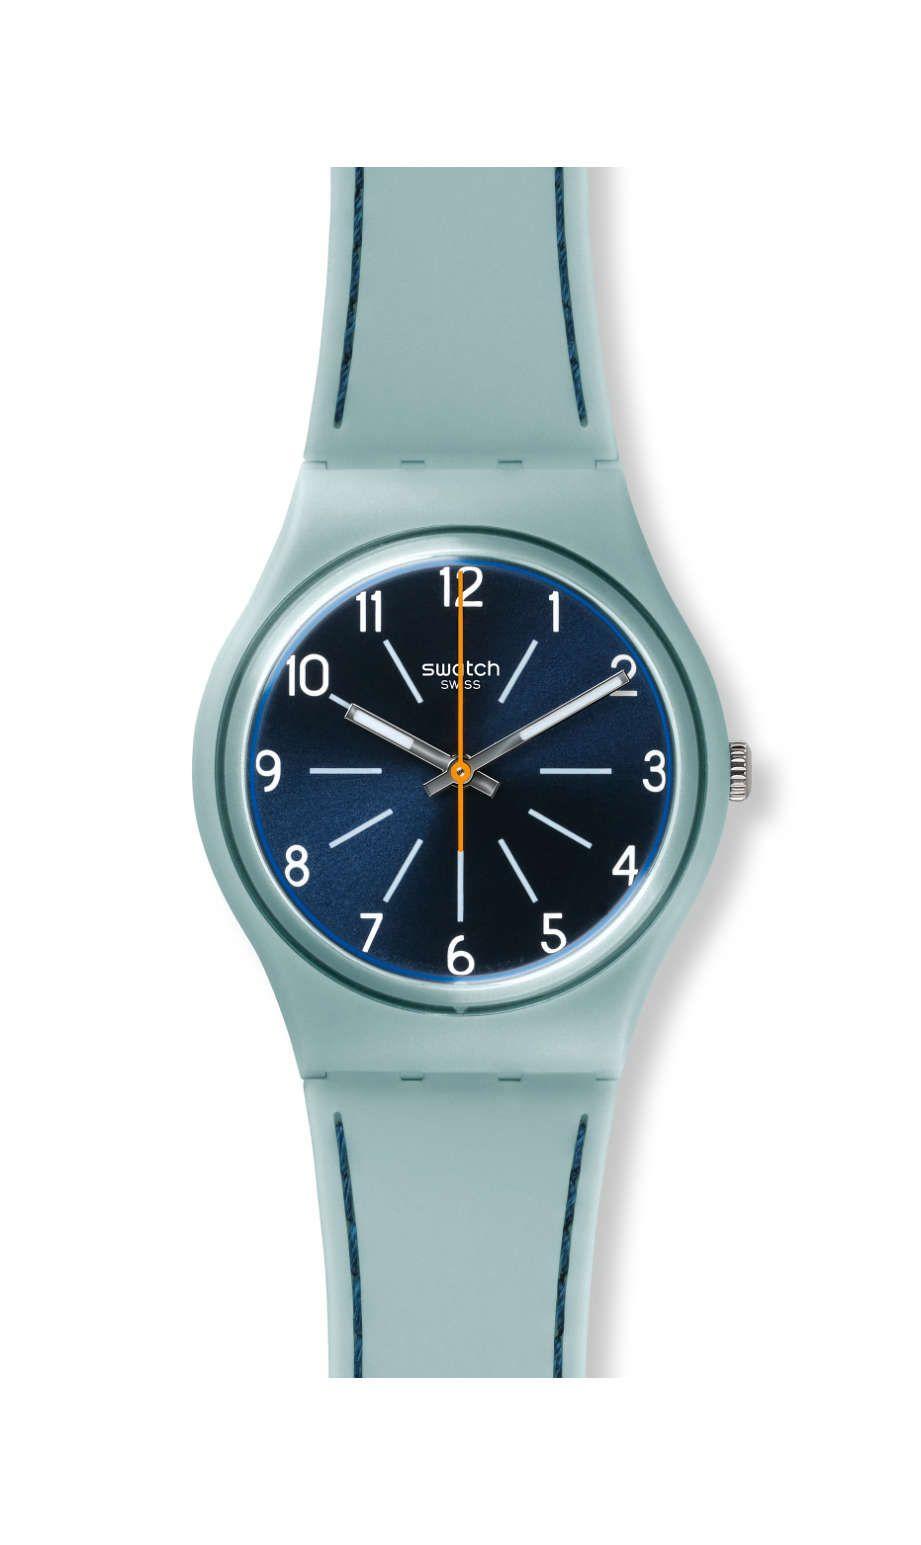 Blue StitchesRelojes RelojSwatch Y Celebridades RelojSwatch RelojSwatch Blue Y StitchesRelojes StitchesRelojes Blue Celebridades 7vfgyIb6Ym